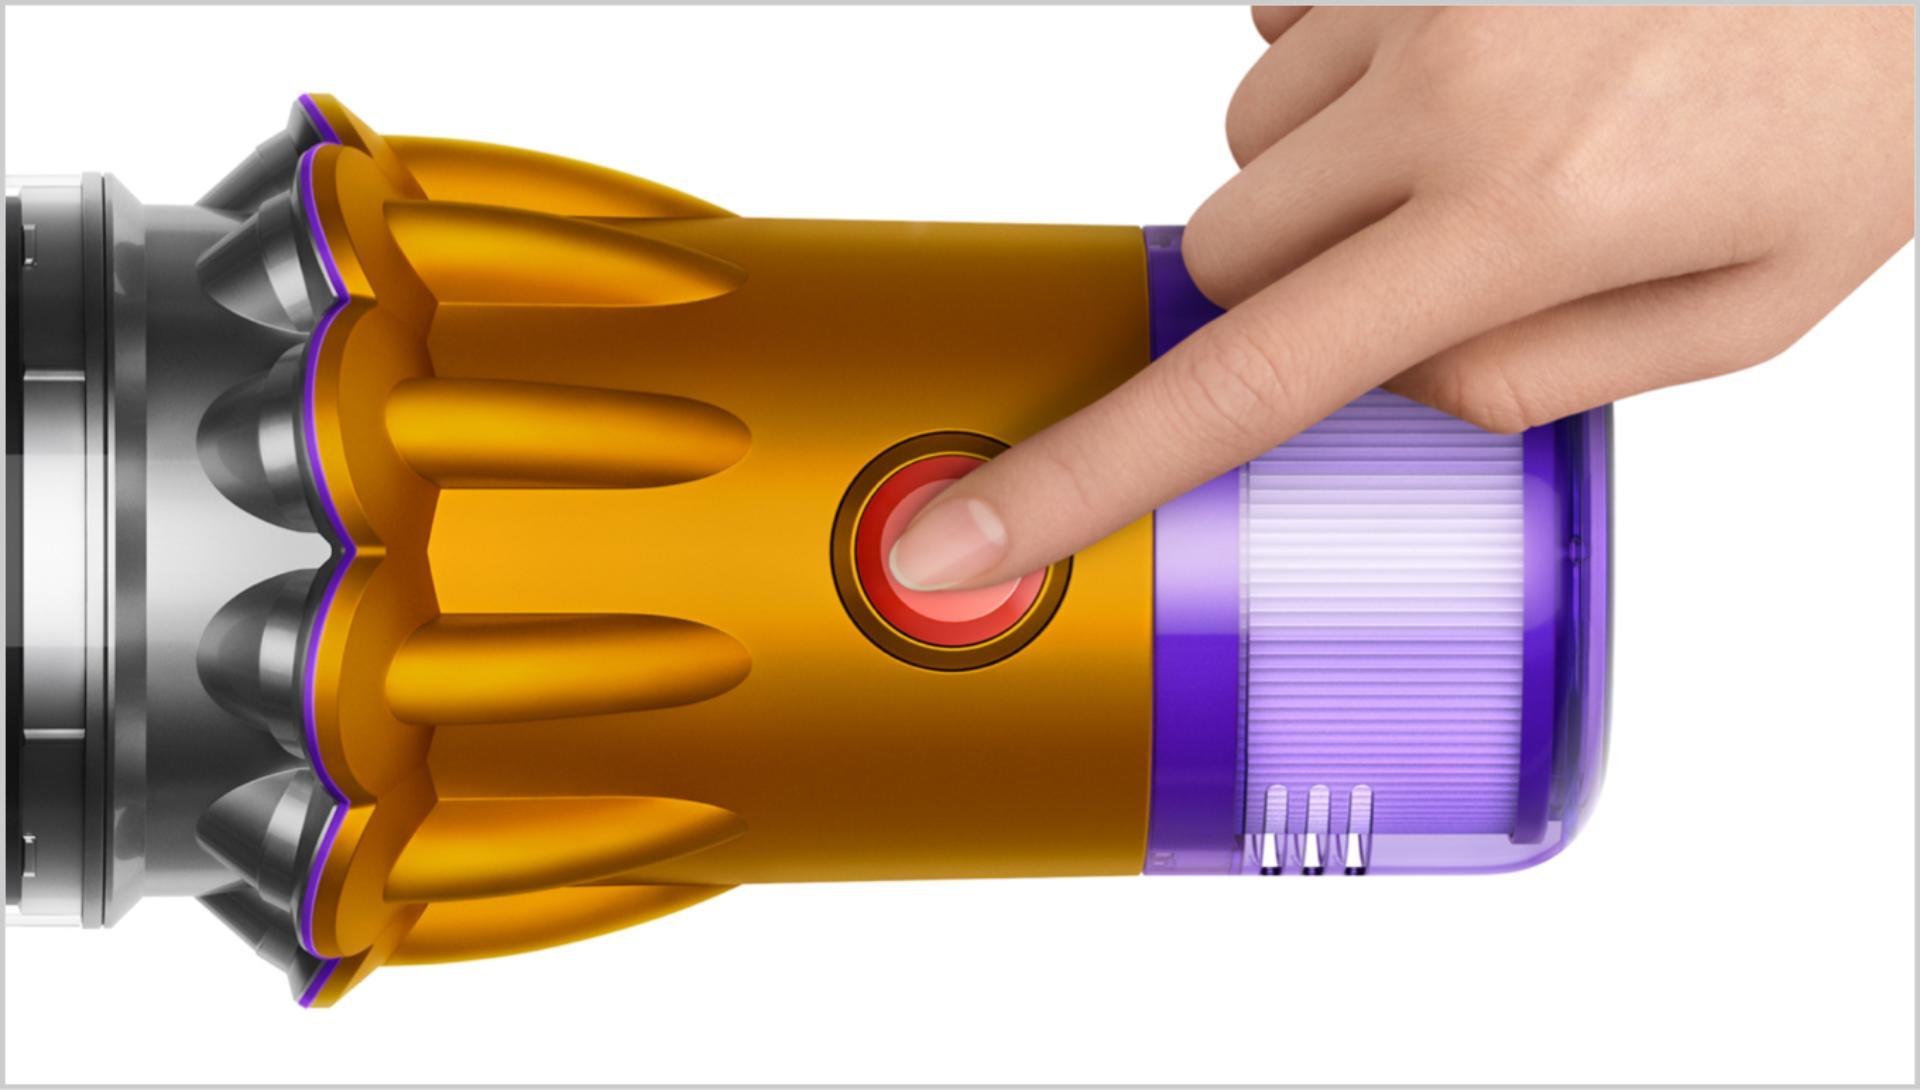 진공 청소기의 전원 버튼 확대 이미지